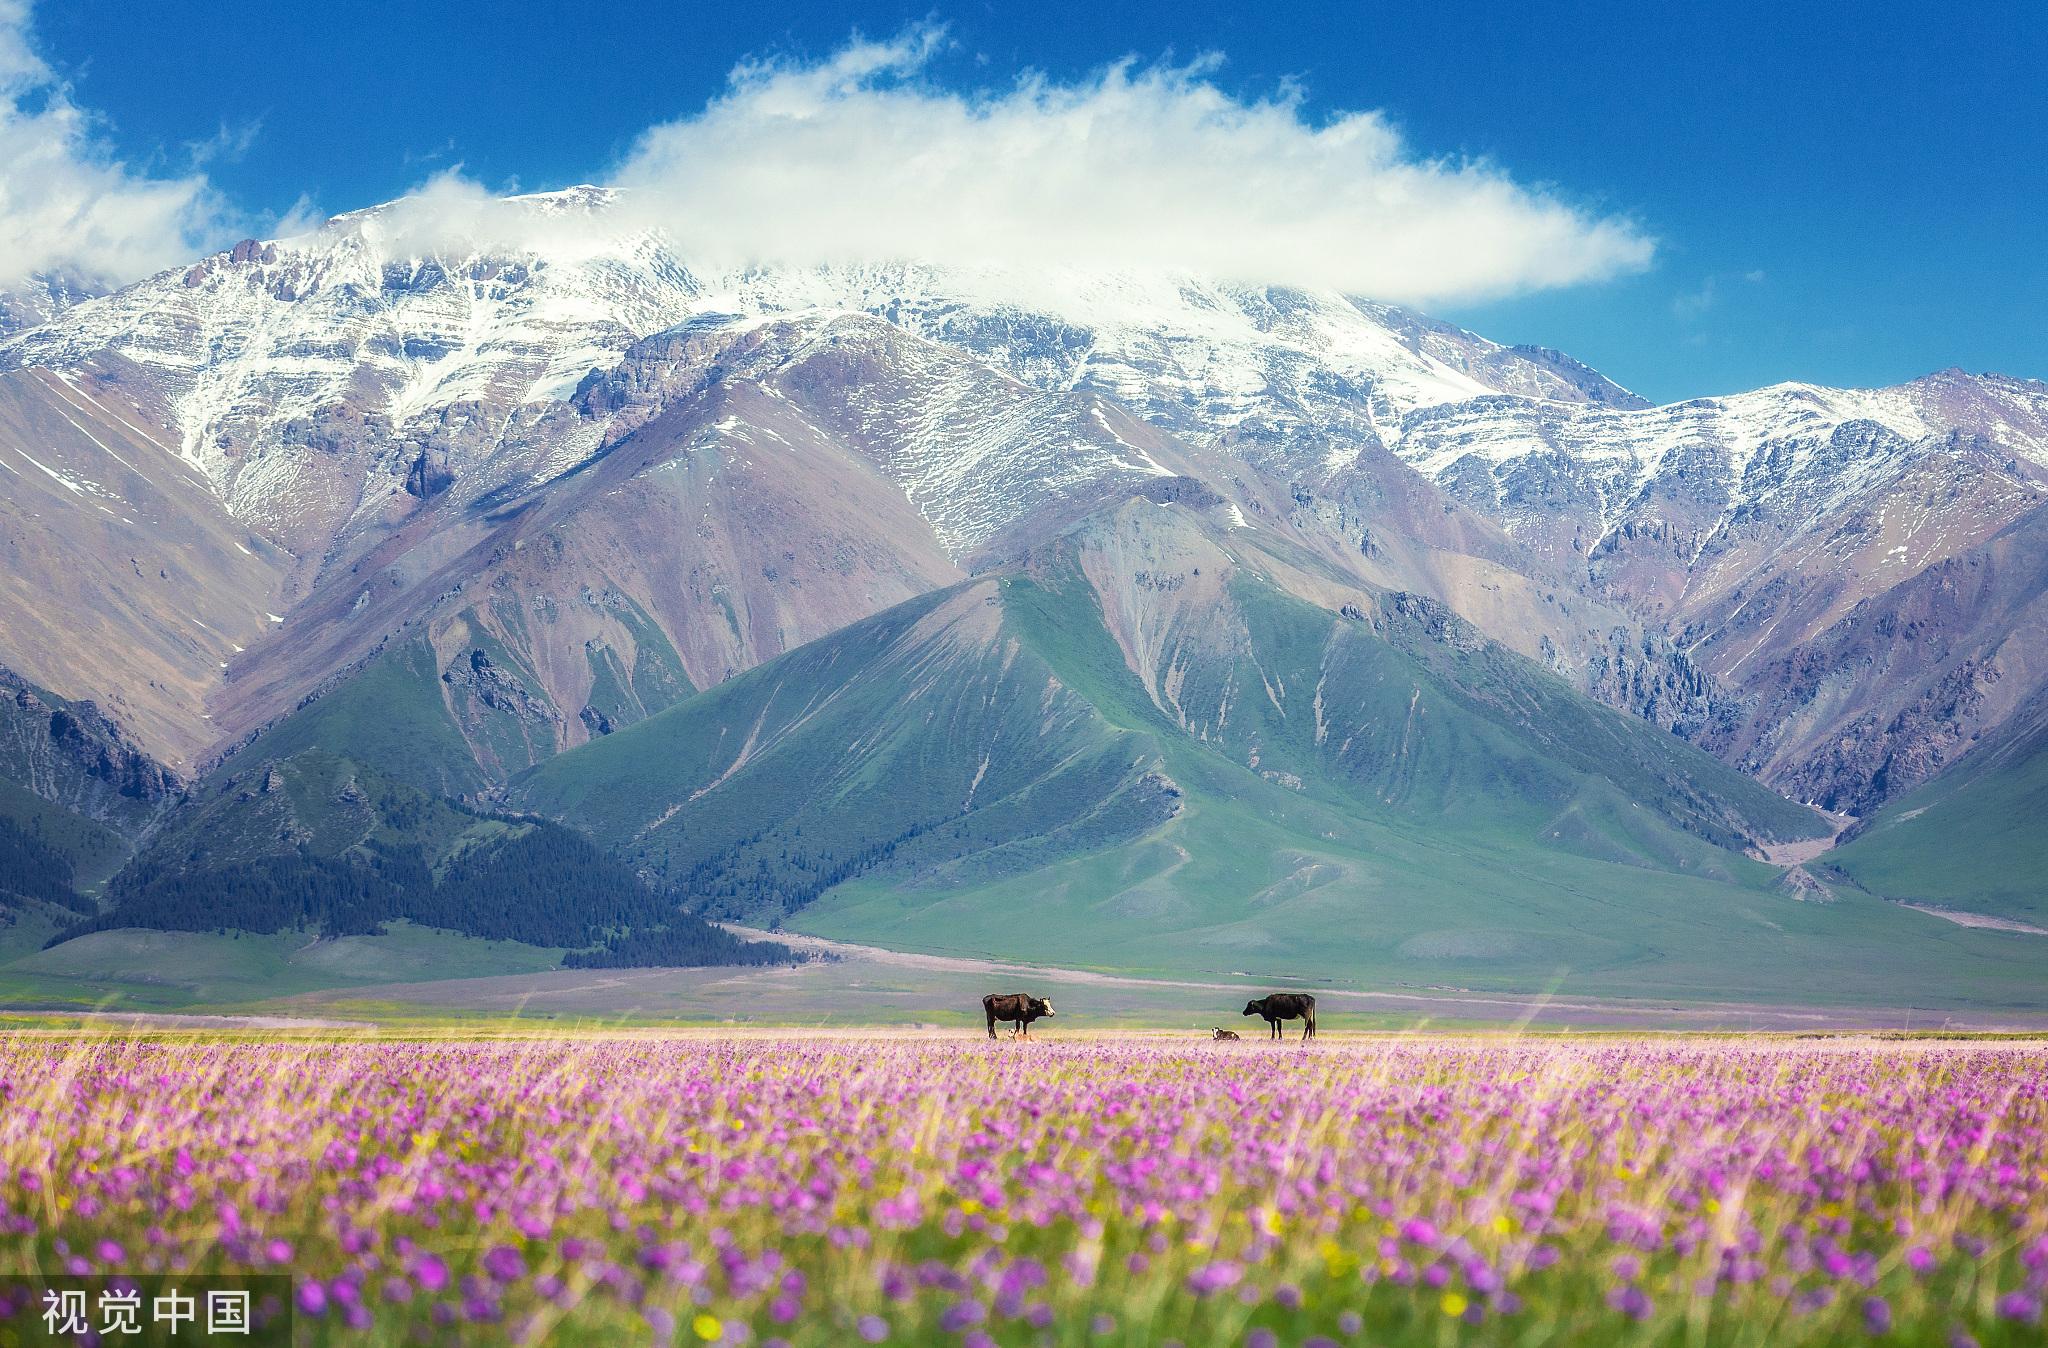 初夏,湖边的野花相继盛开,繁花点缀在绿色的草地上,与远处的雪山相映成趣。这种景色一年只有大概两个月的时间能欣赏到。